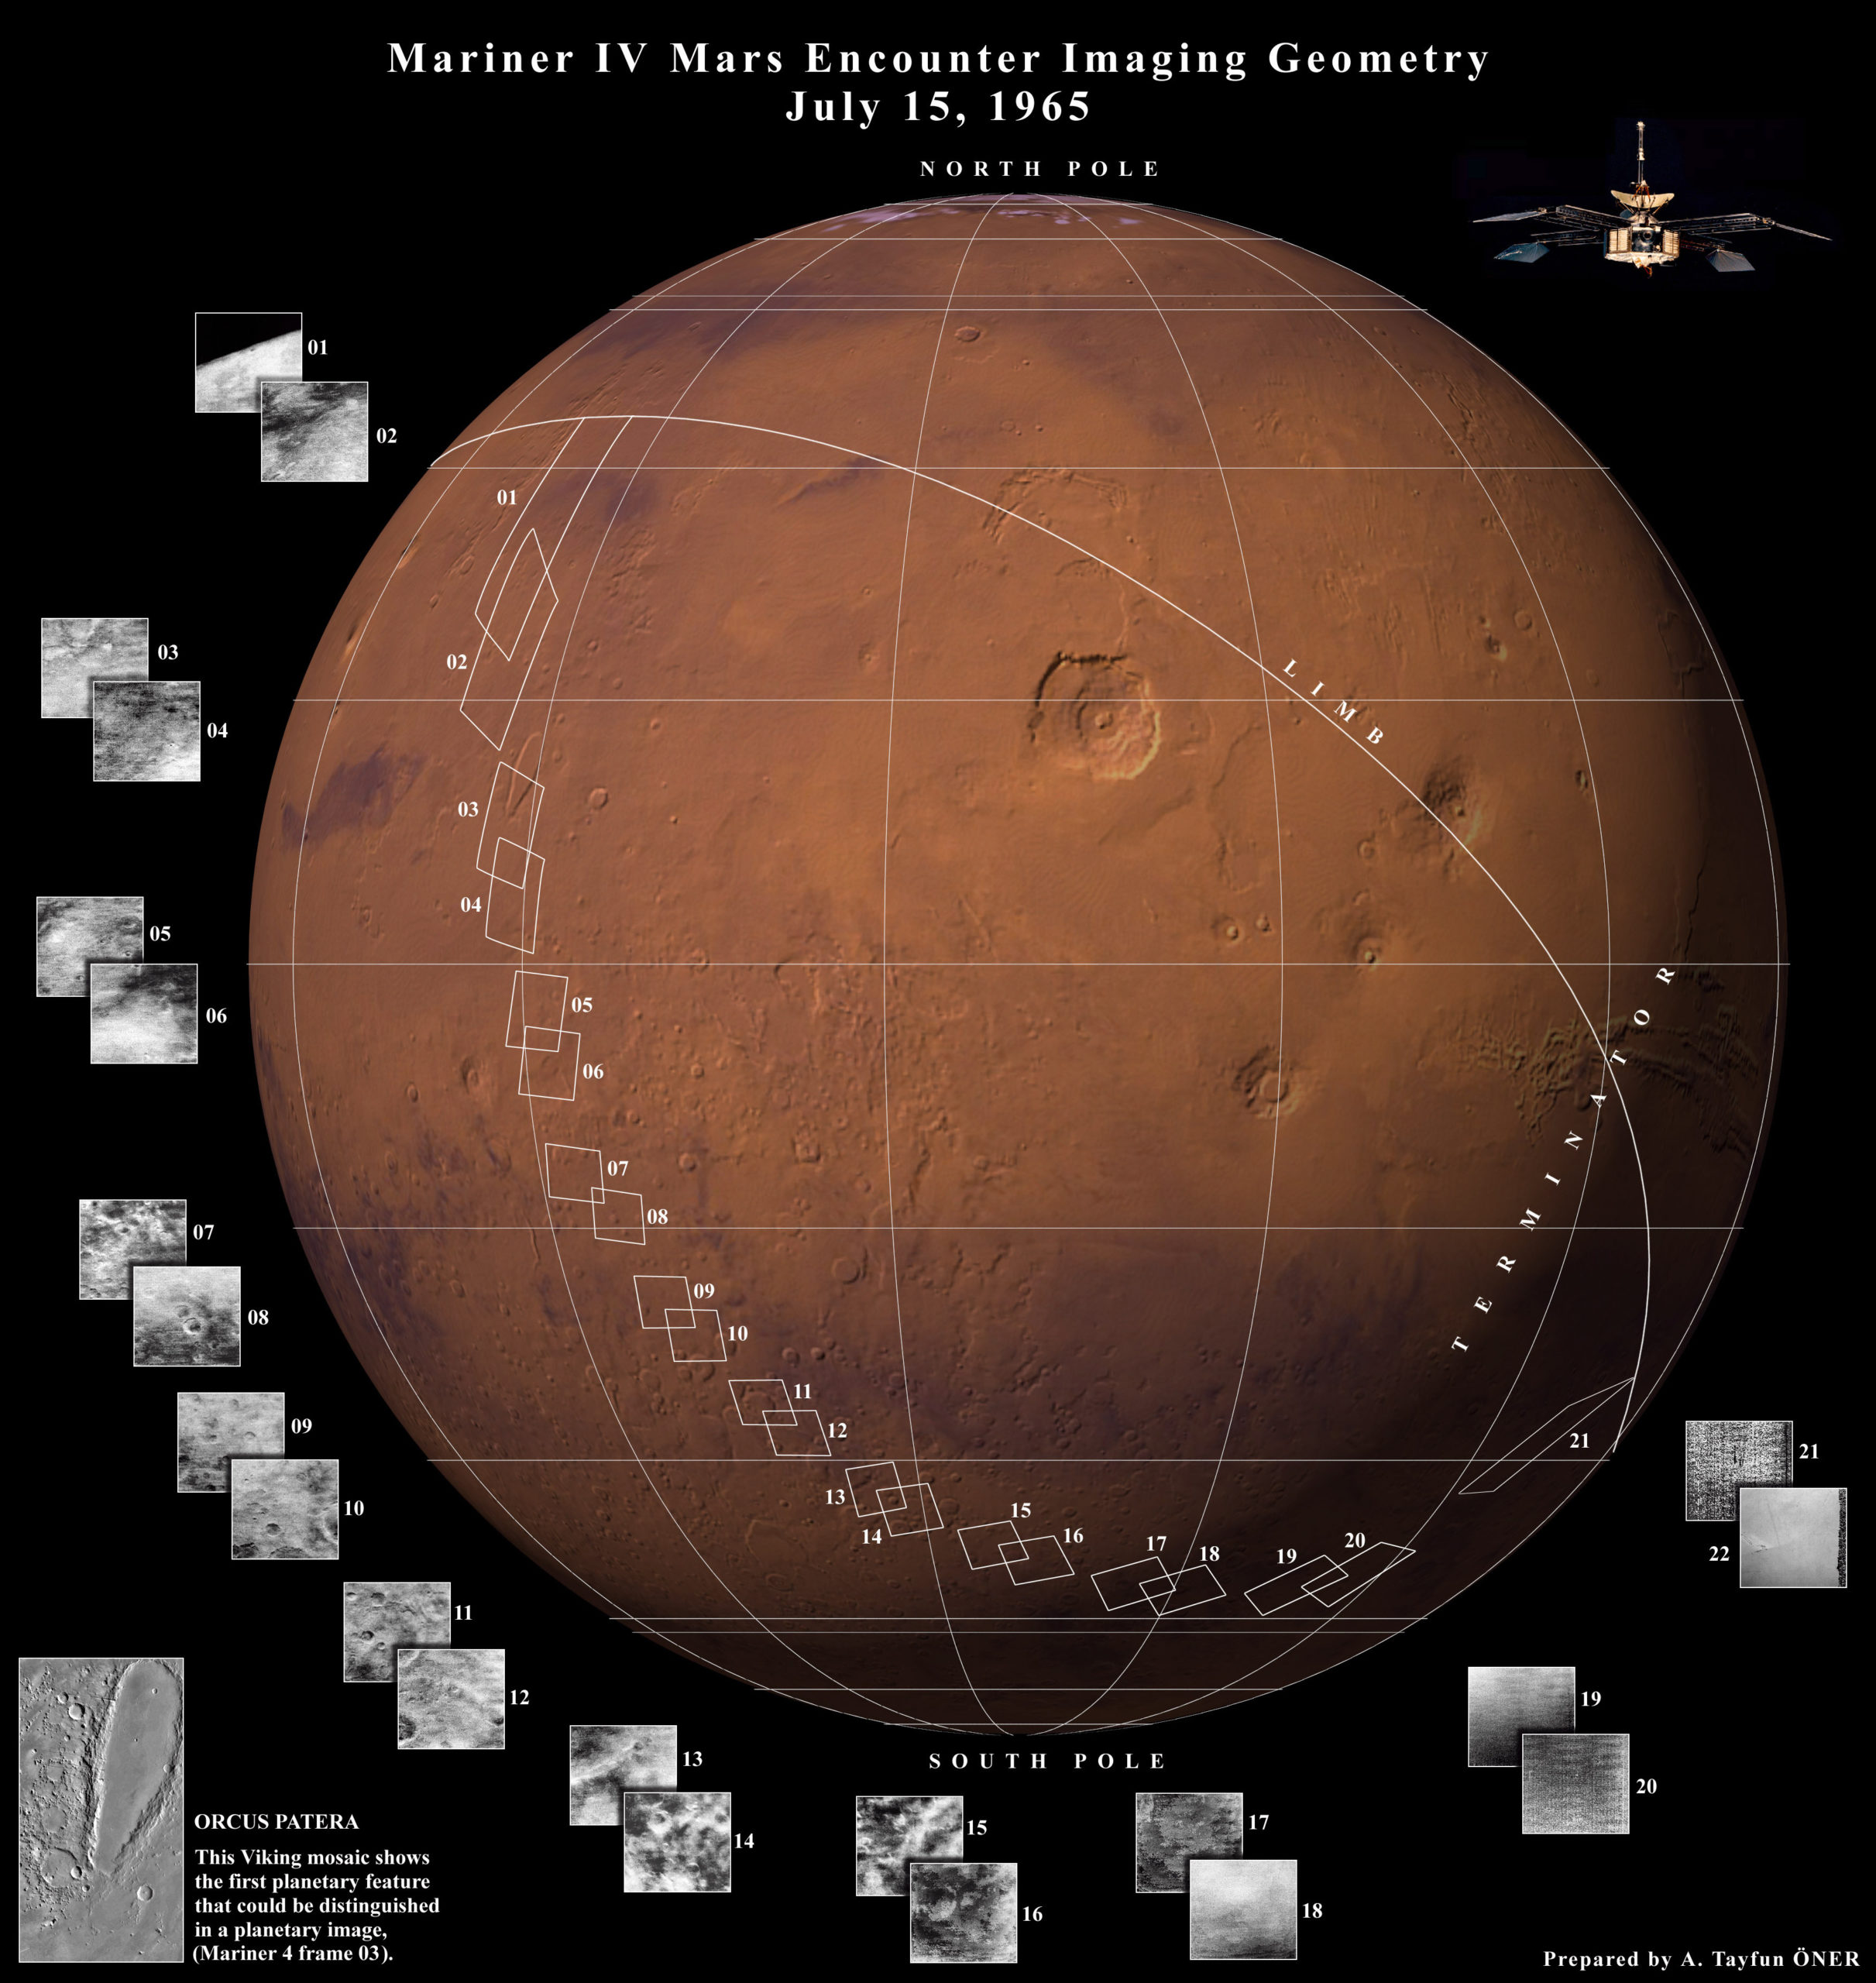 Il primo incontro ravvicinato con il Pianeta Rosso Associazione LOfficina, esobiologia, Mariner 4, Marte, missioni spaziali, NASA, news LOfficina, pianeta rosso, prima immagine, spazio, vita su marte